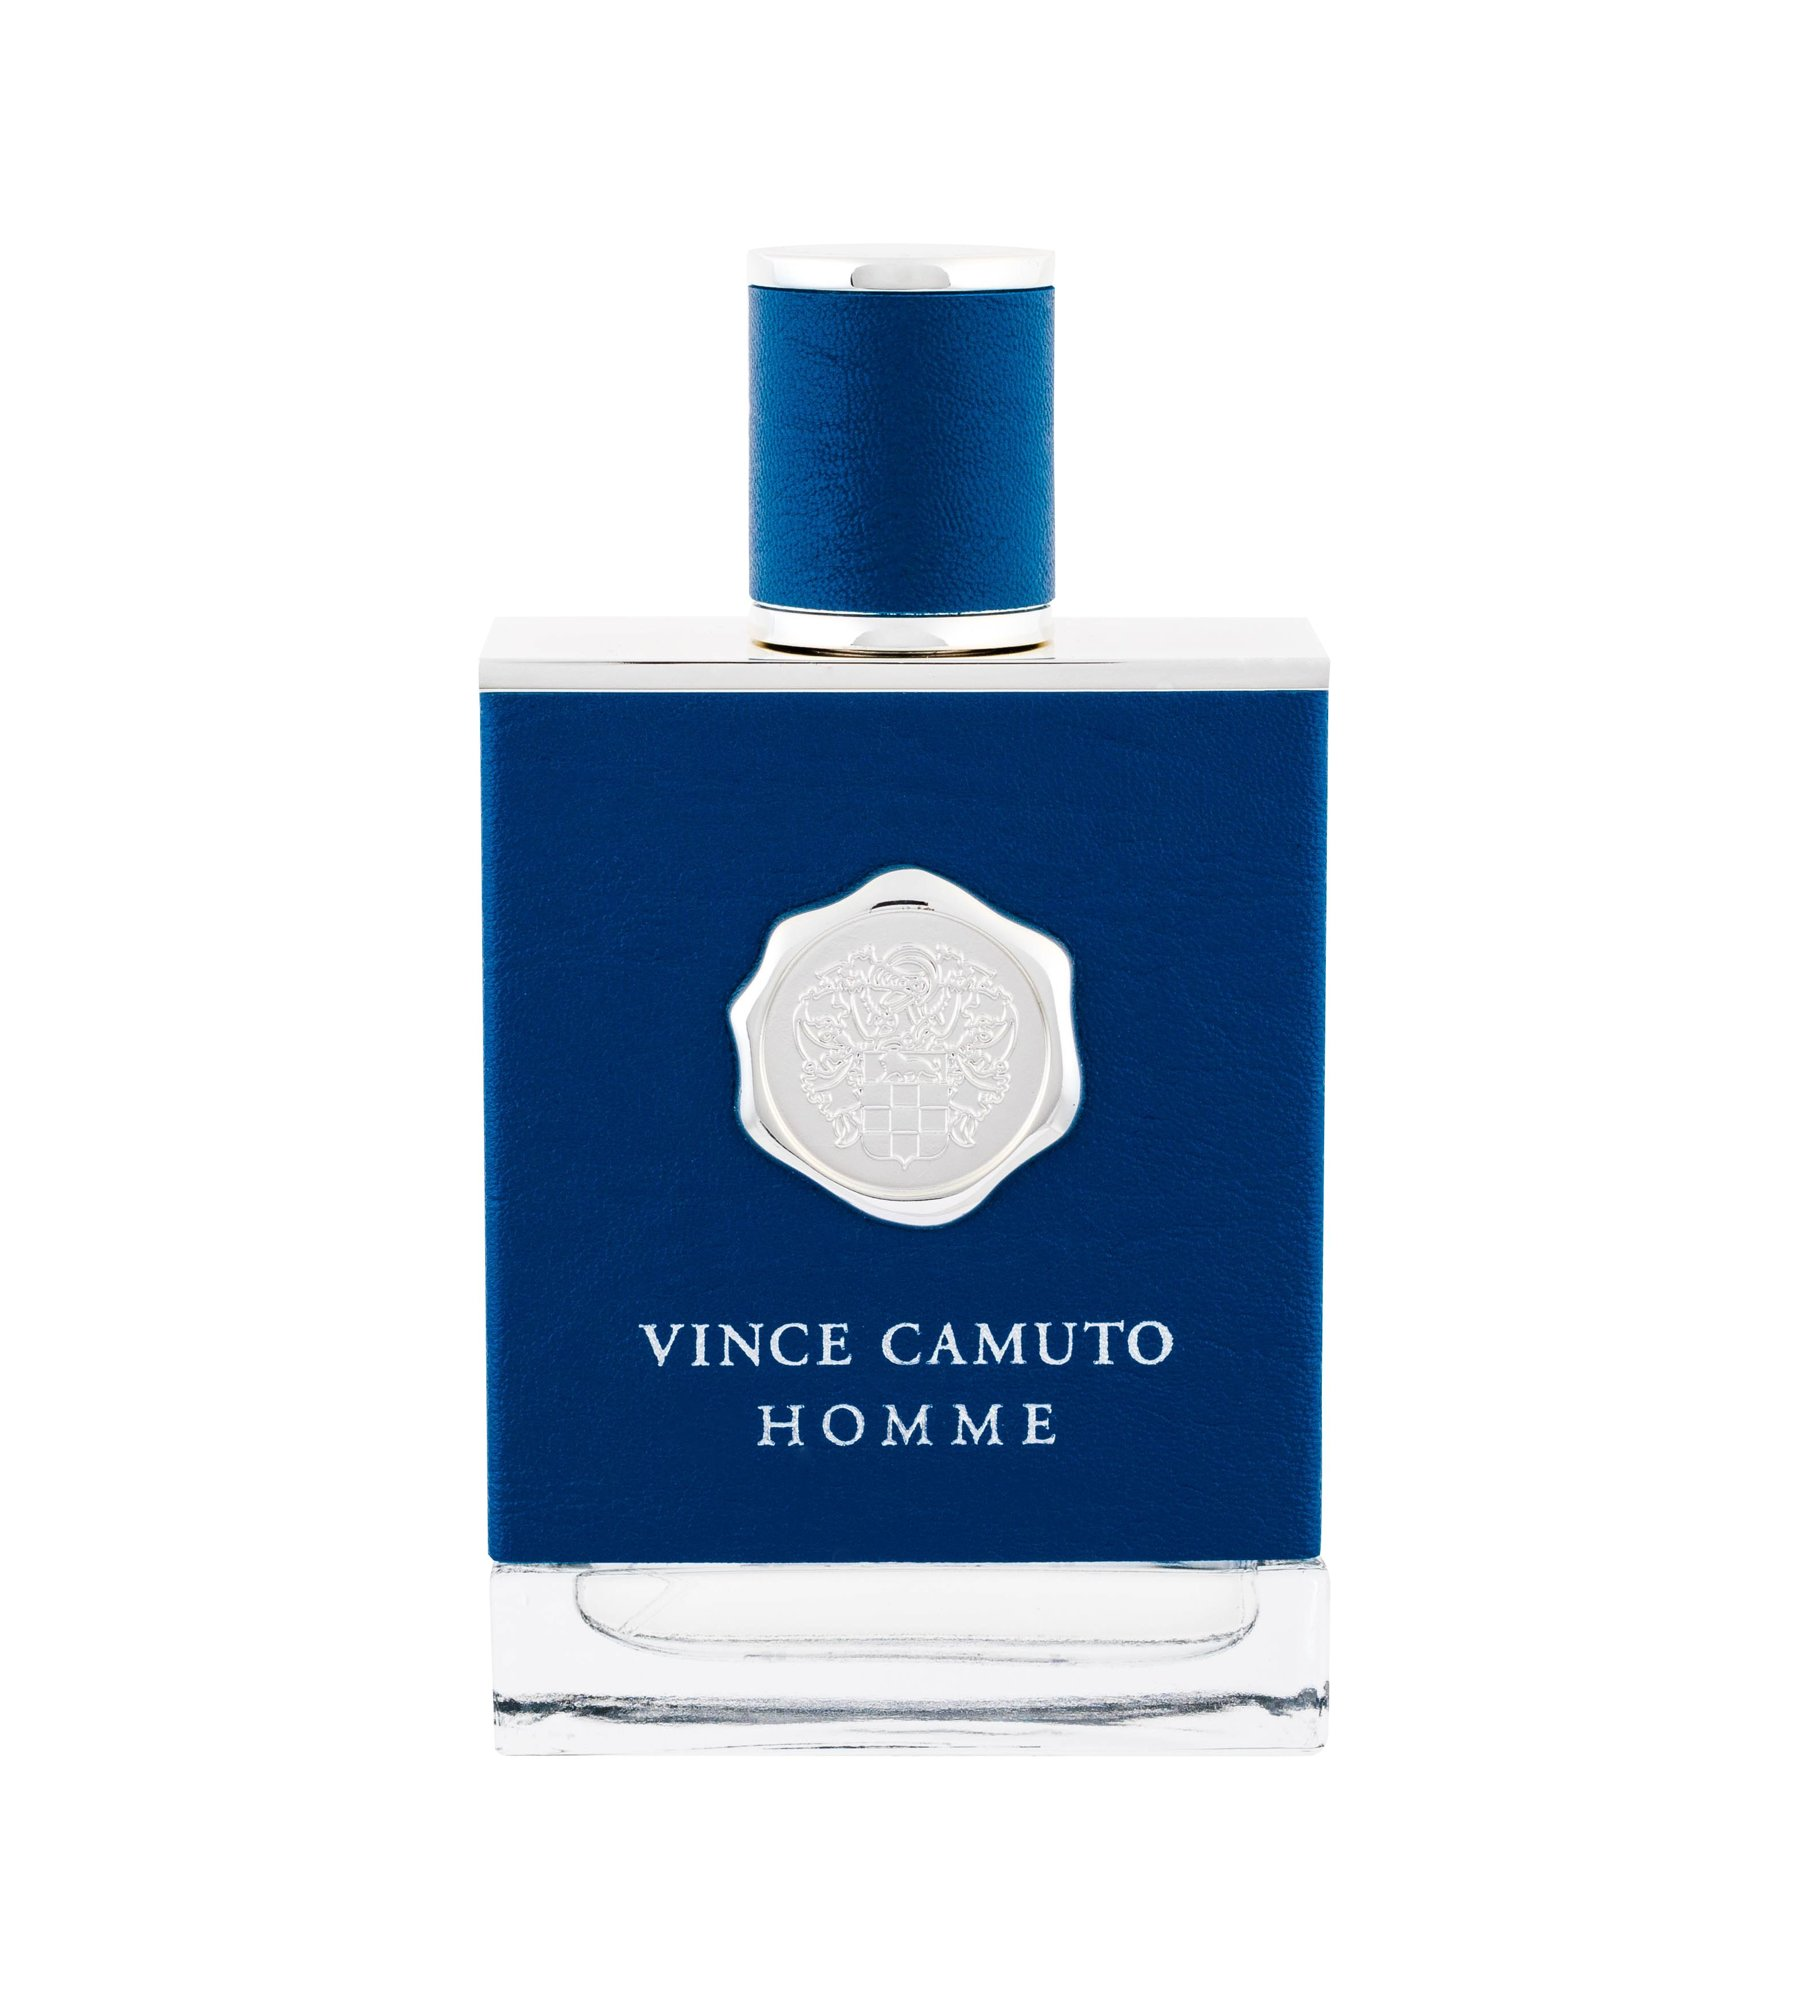 Vince Camuto Homme Eau de Toilette 100ml